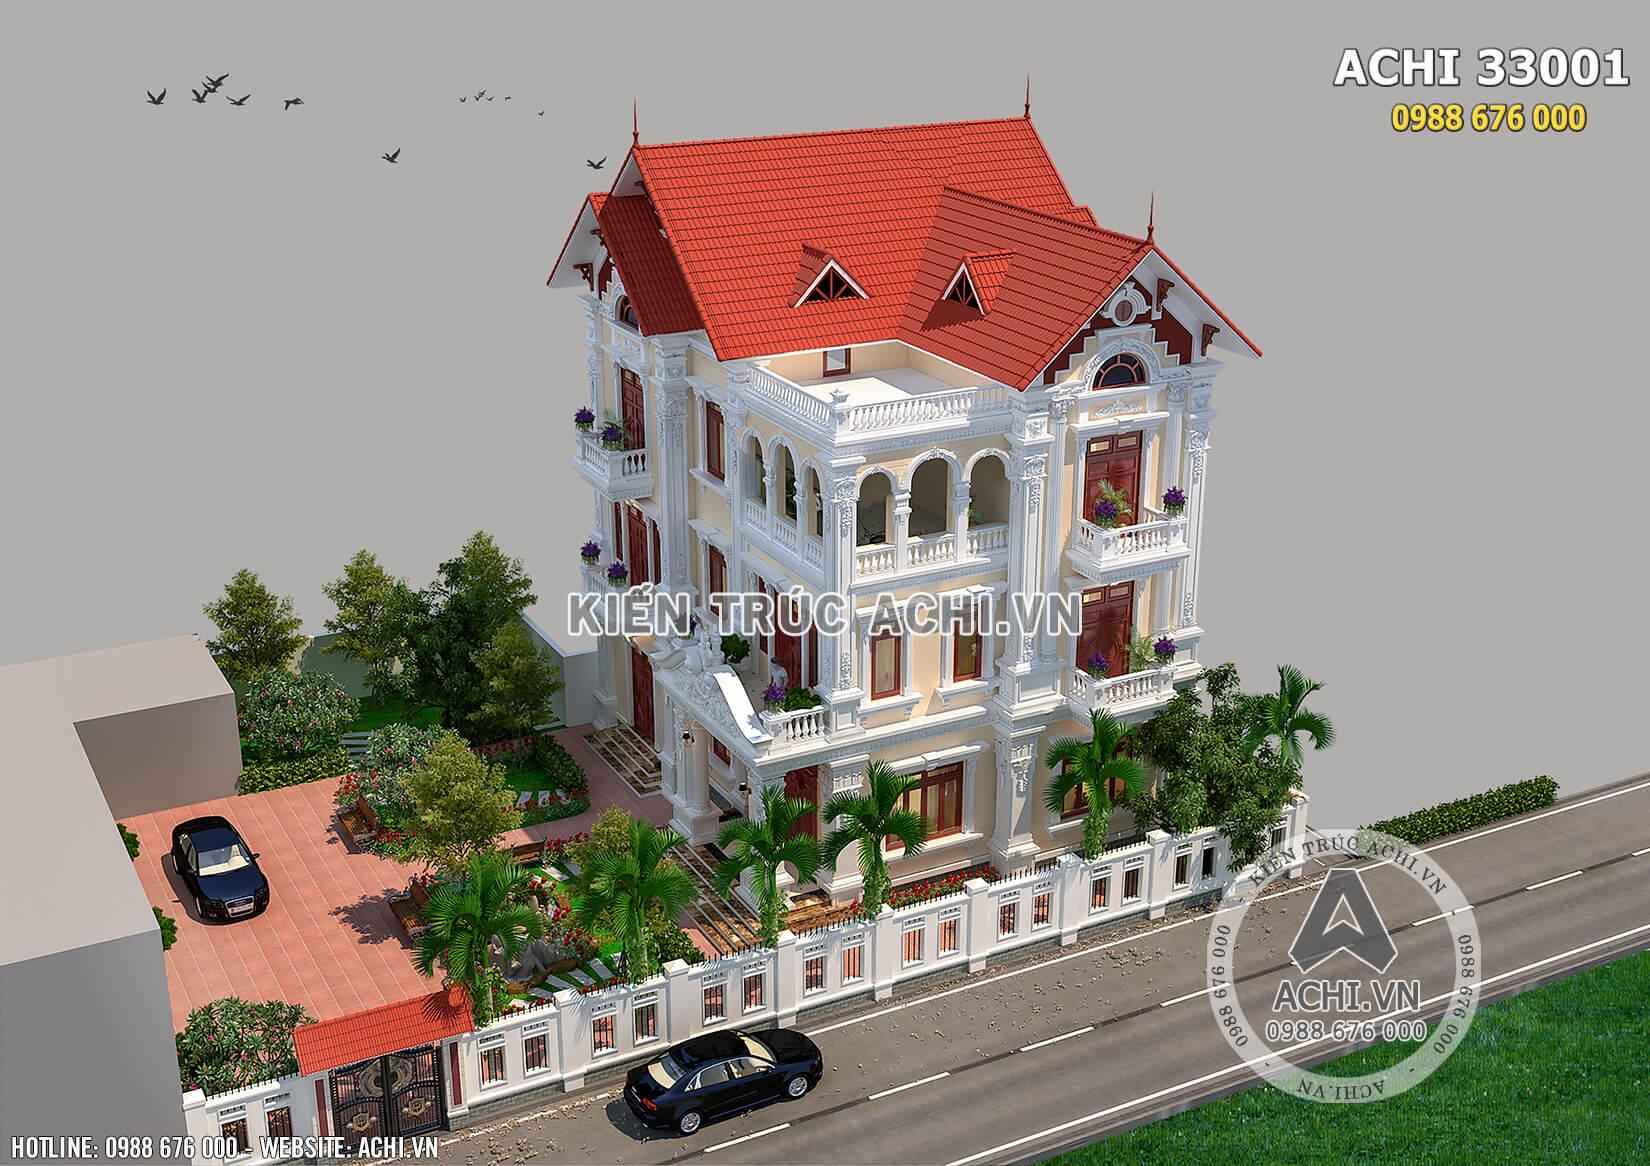 Mẫu biệt thự 3 tầng kiểu Pháp được nhìn từ trên cao xuống